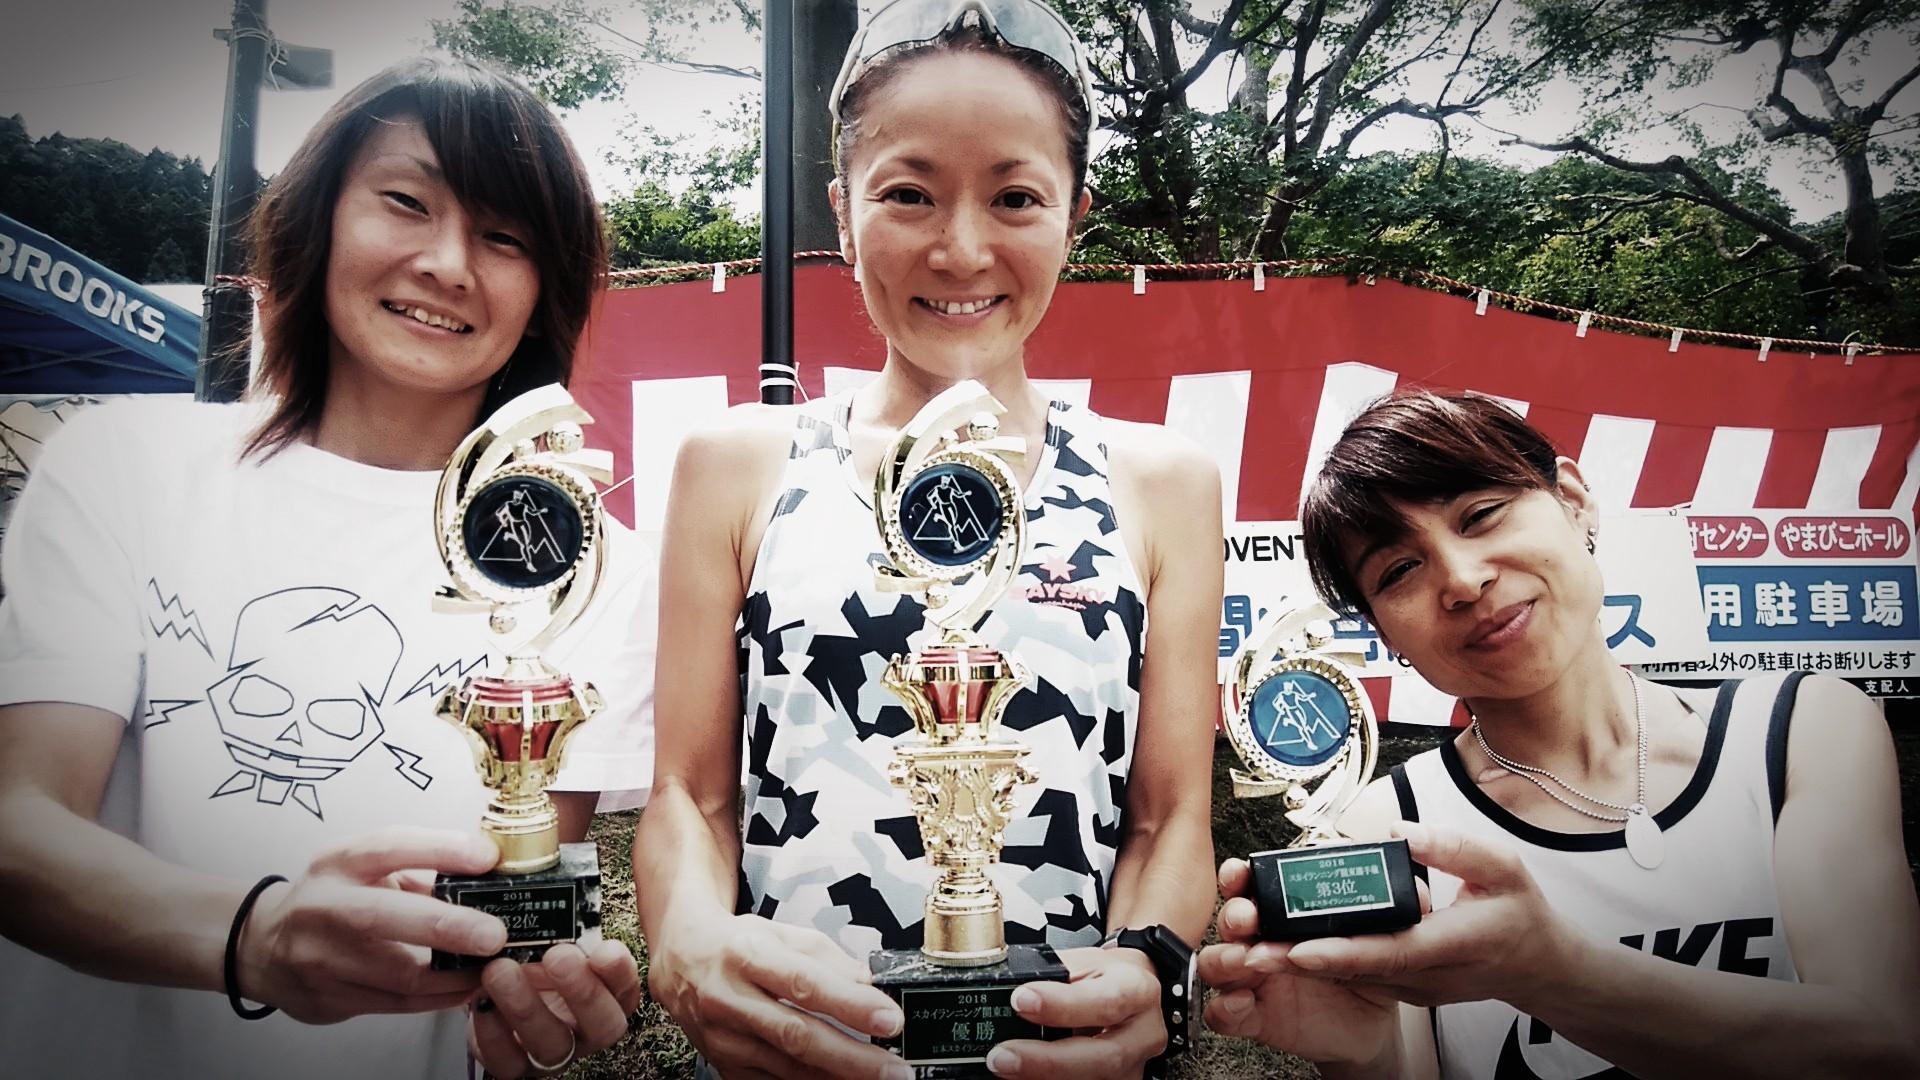 関東選手権 女子トップ3 左から福田、田中、渡邊